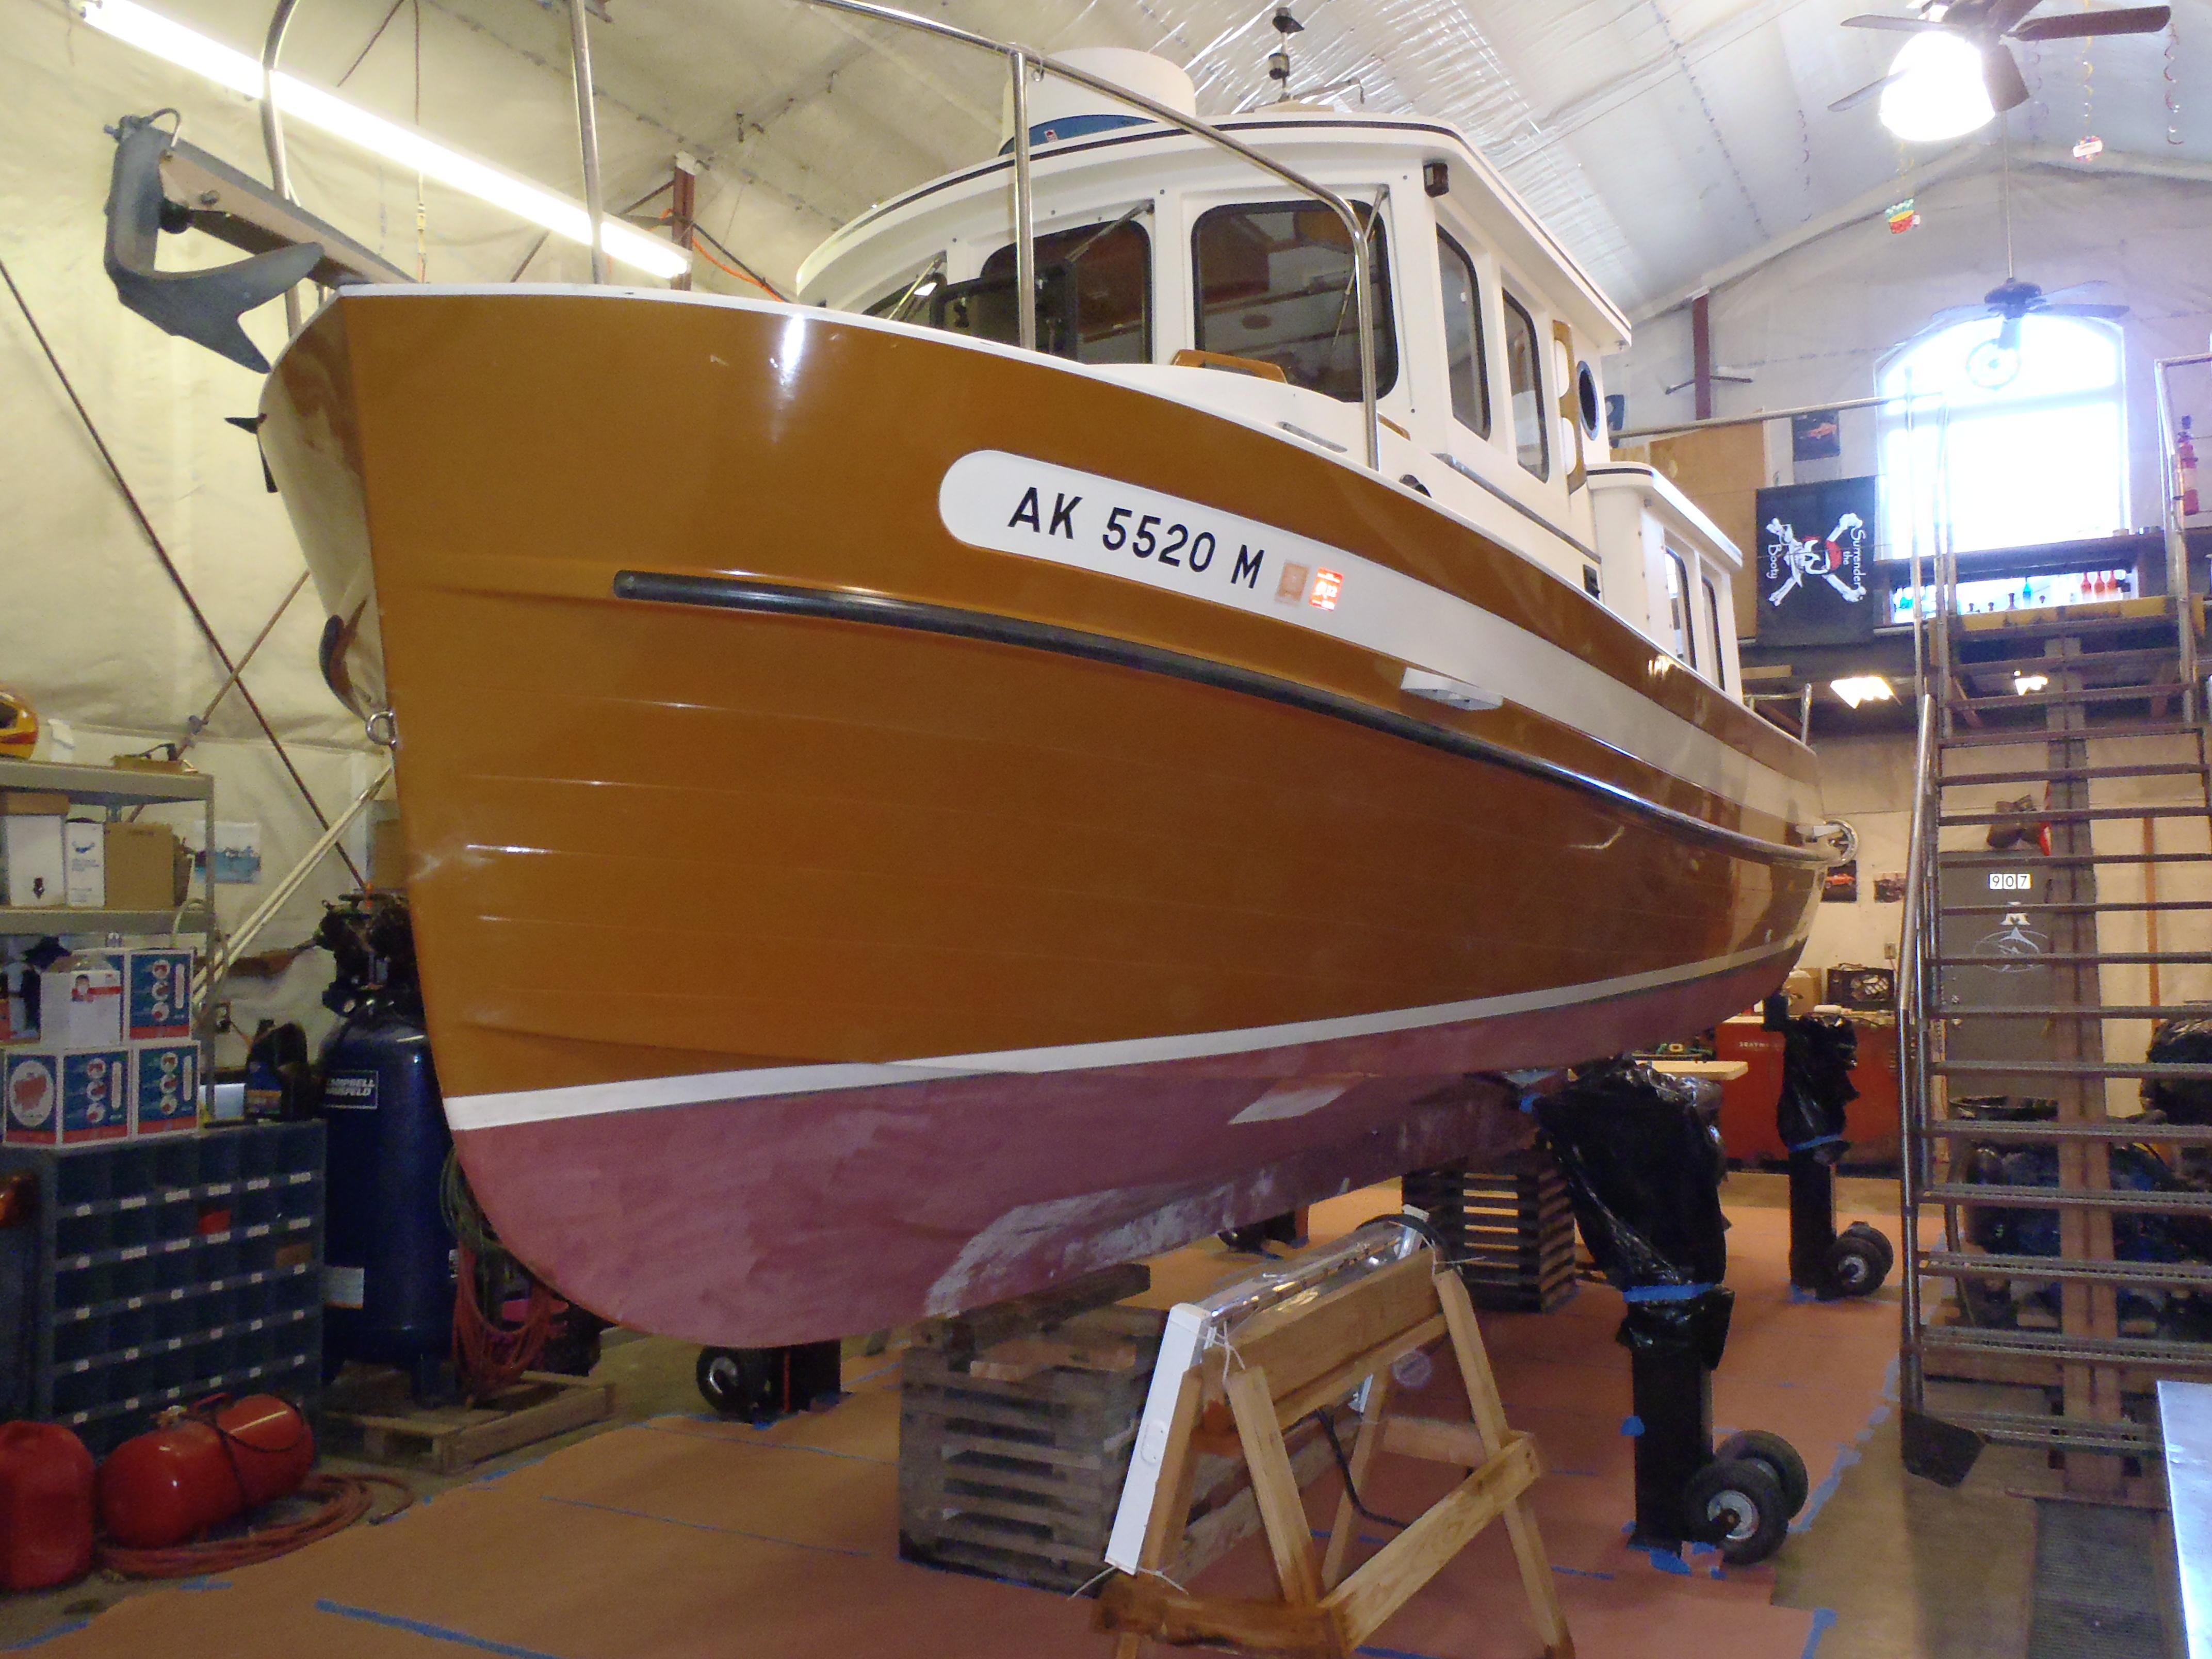 Boat Image 2